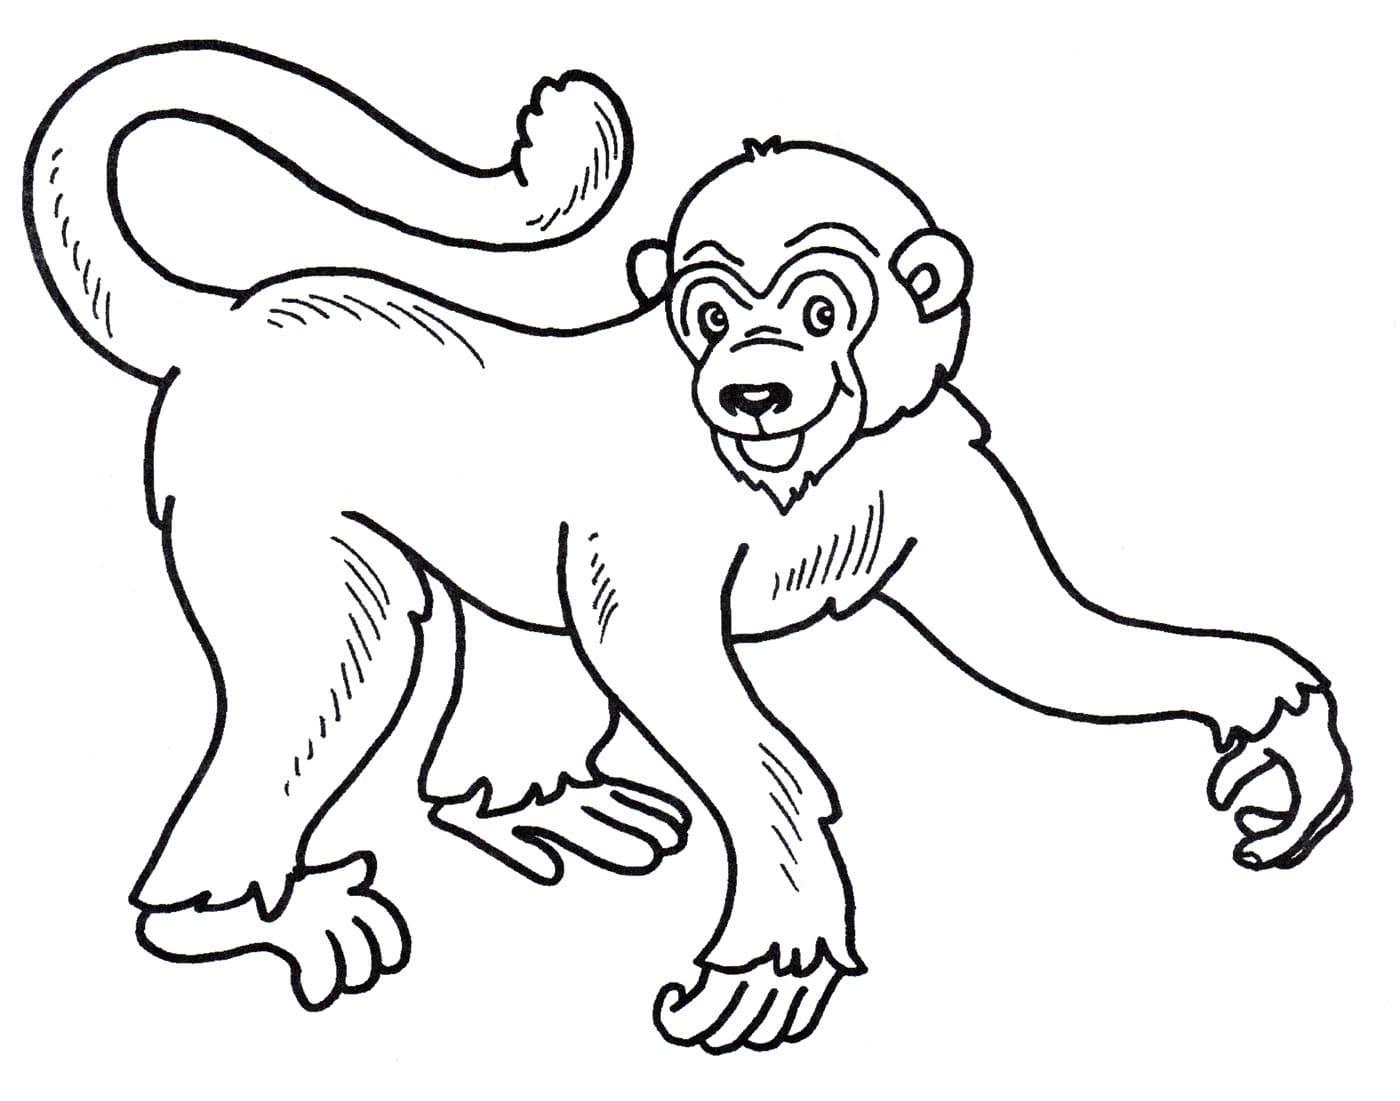 Ausmalbilder Affen  30 Malvorlagen Kostenlos zum Ausdrucken